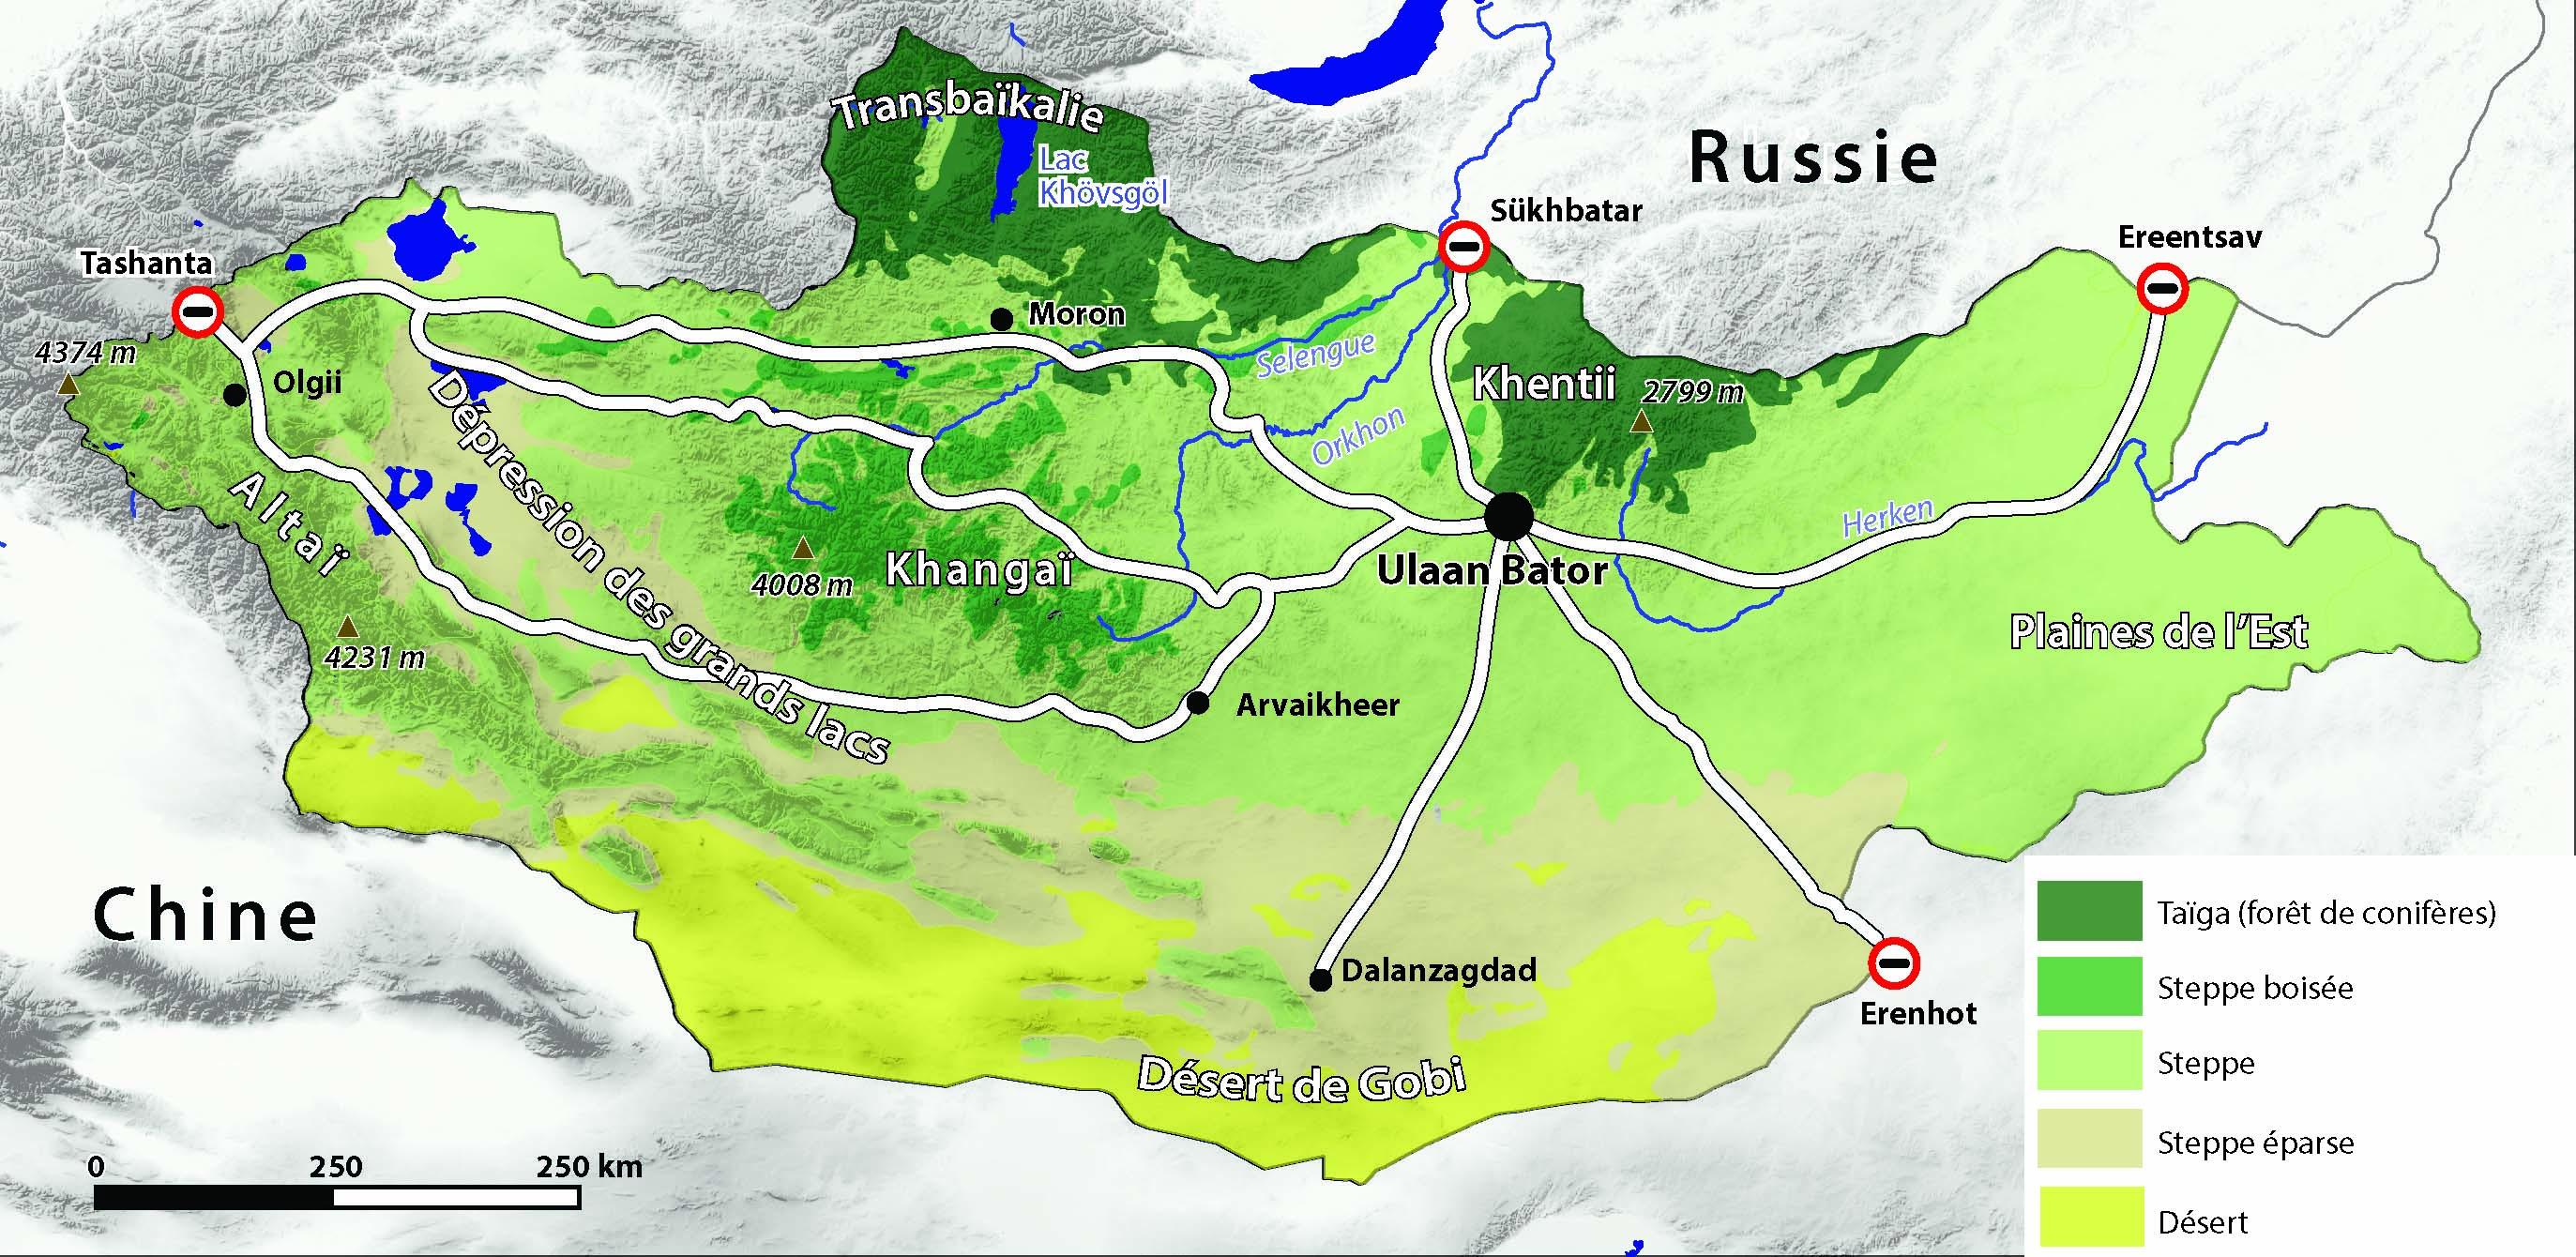 La crte de la Mongolie, préparez donc votre 4x4 pour y passer vos vacances !